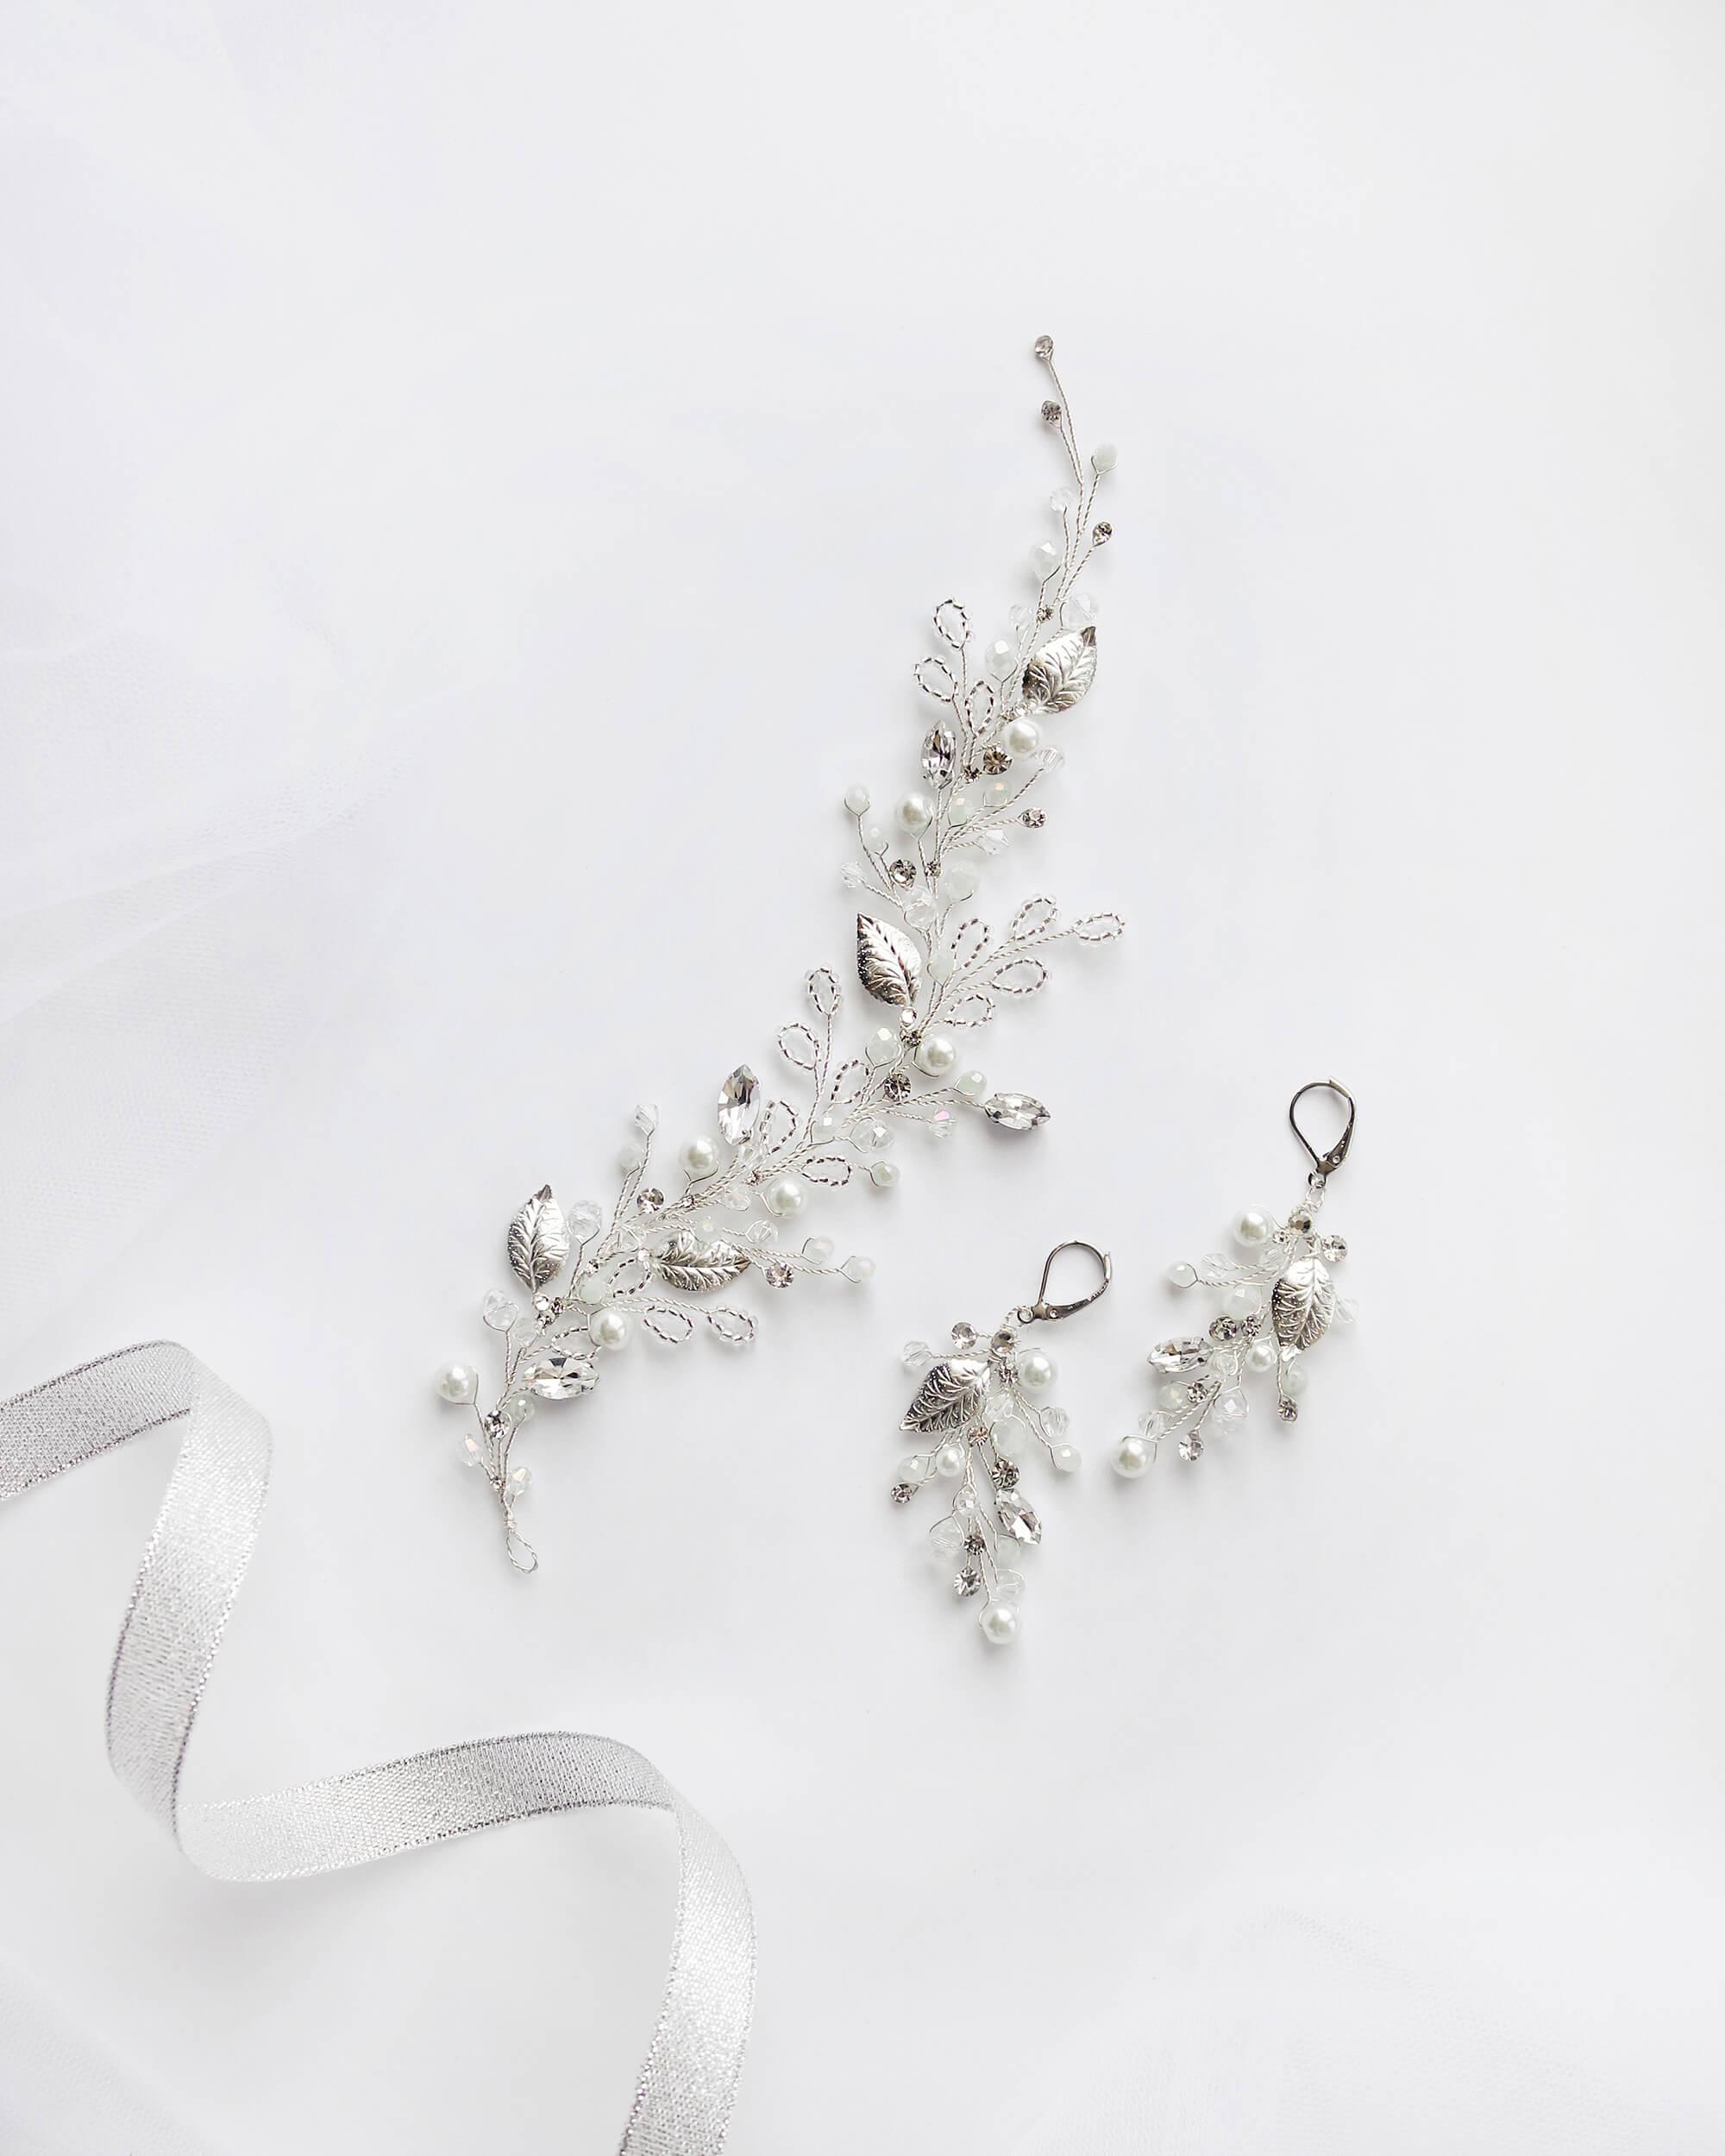 украшения для свадебных причесок(2)   Vero